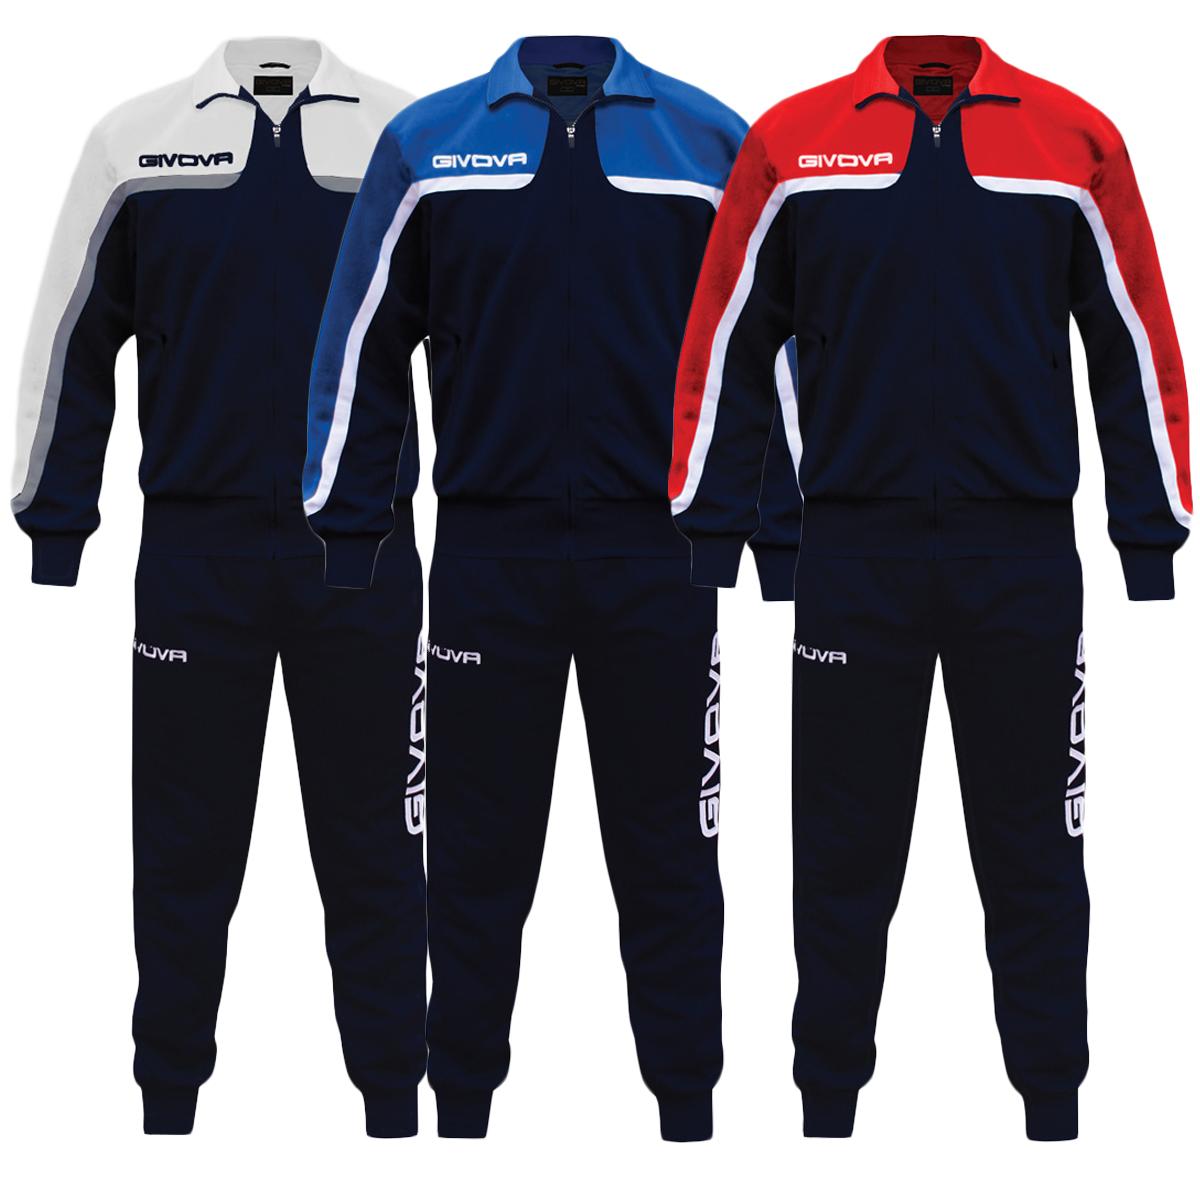 Originale Completo Tuta Sportiva Givova Allenamento Uomo Unisex Donna Africa Vari Color...